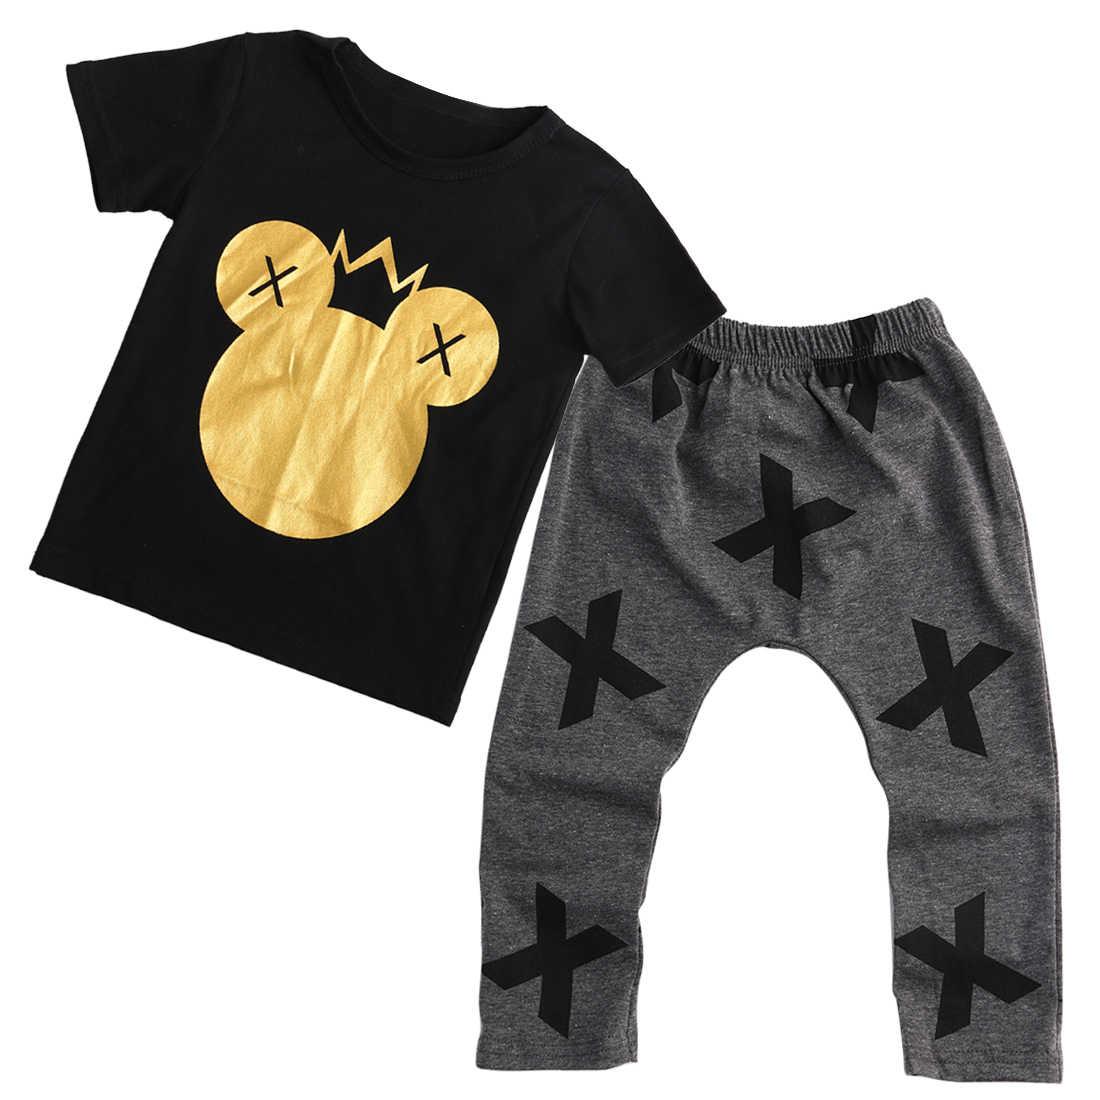 2 قطع أزياء طفل الاطفال الفتيان الفتيات ميكي طباعة قصيرة الأكمام قمم T-قميص + السراويل الاطفال وتتسابق مجموعة الملابس